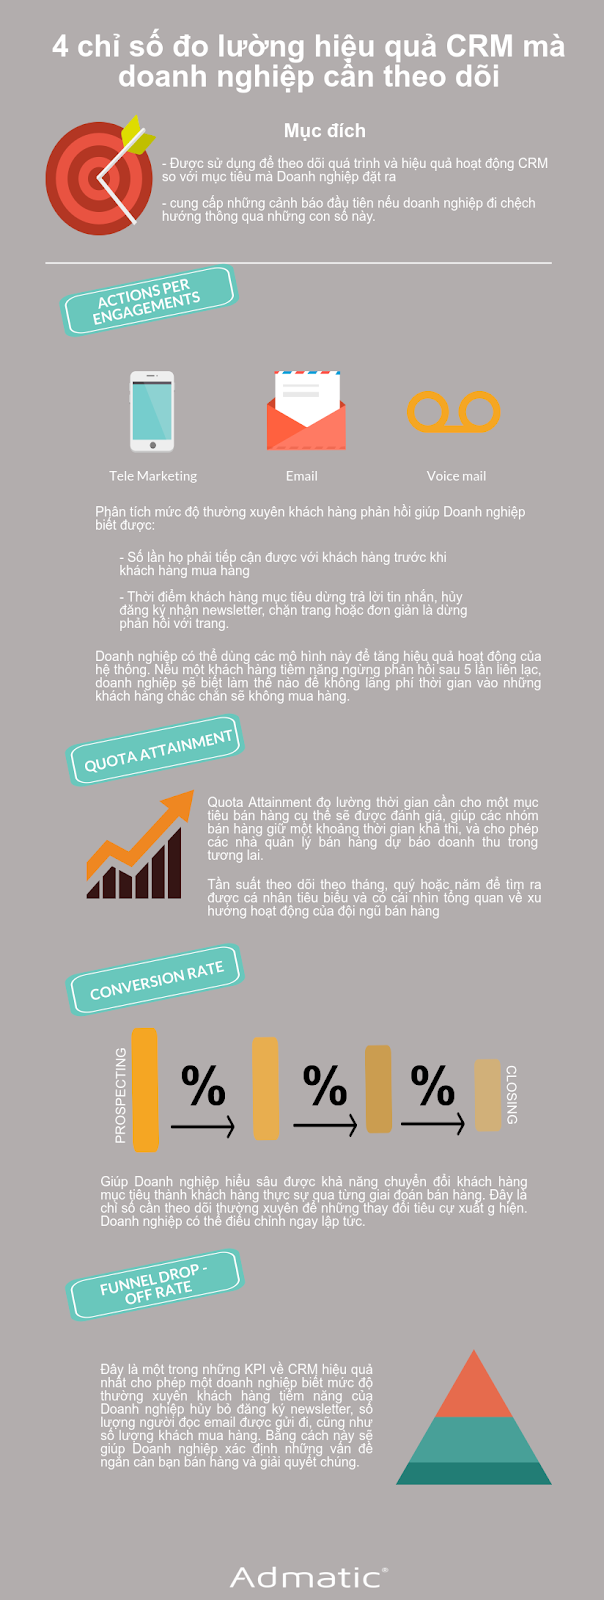 4 kpi đo lường hiệu quả CRM doanh nghiệp cần biết